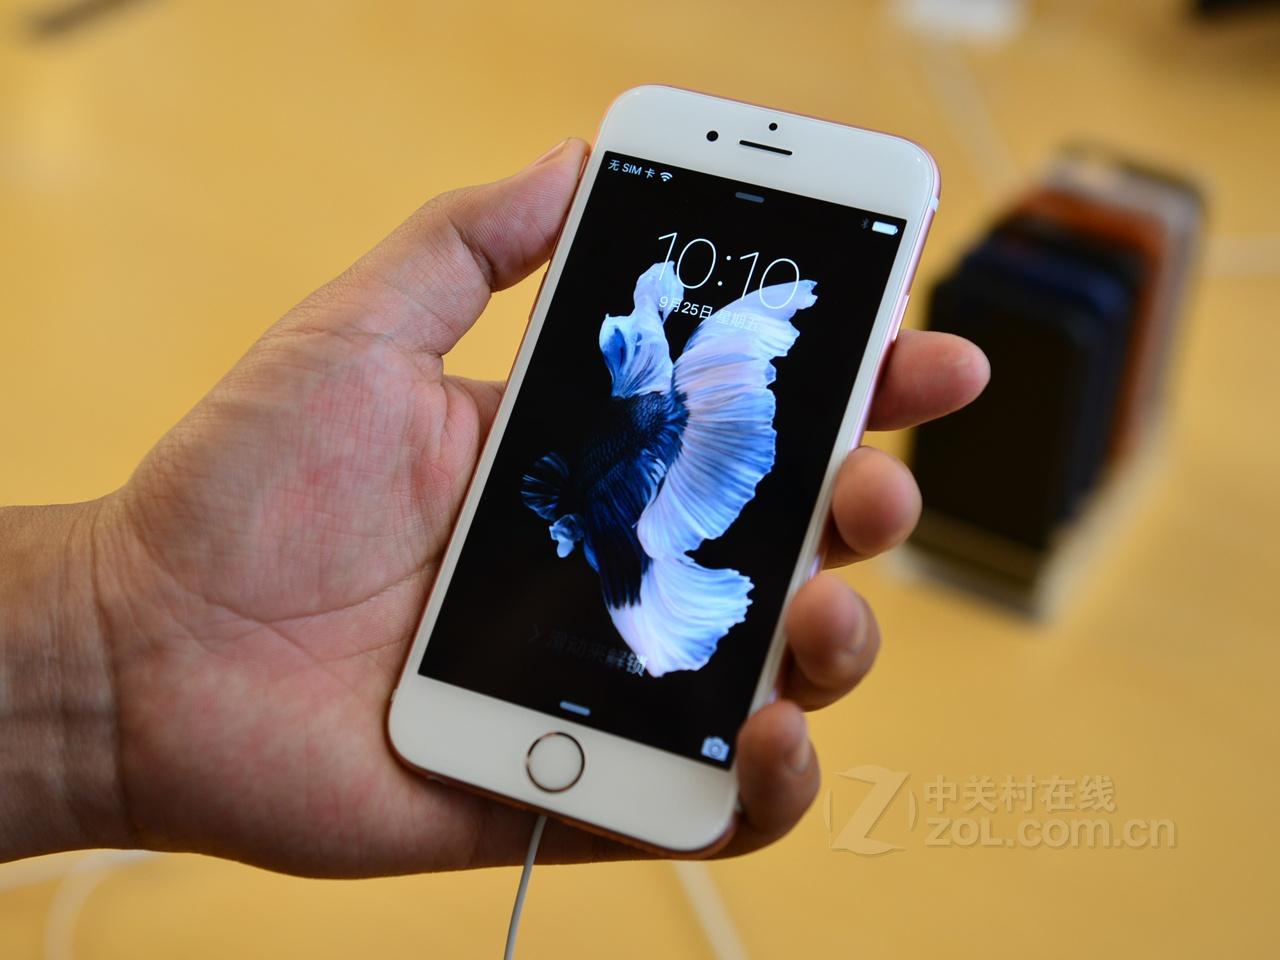 (中关村在线重庆行情)苹果公司正式推出全新苹果iPhone6S和iPhone6S Plus,新款机型延续了老款机型机身设计,屏幕分别为4.7英寸以及5.5英寸,分辨率维持原水平,此次在原有三款配色的基础上增加了玫瑰金配色版,采用了强度更高的7000系列铝合金,此次最为人瞩目的是新机搭配了采用3DTouch技术的触控屏,称上手机史上又一次革命性升级。近日,该手机在中关村在线认证经销商重庆麦兜数码可分期处热卖中,首付最低666、月供最低 288。喜欢的朋友赶紧电话吧!  苹果 iPhone 6S   苹